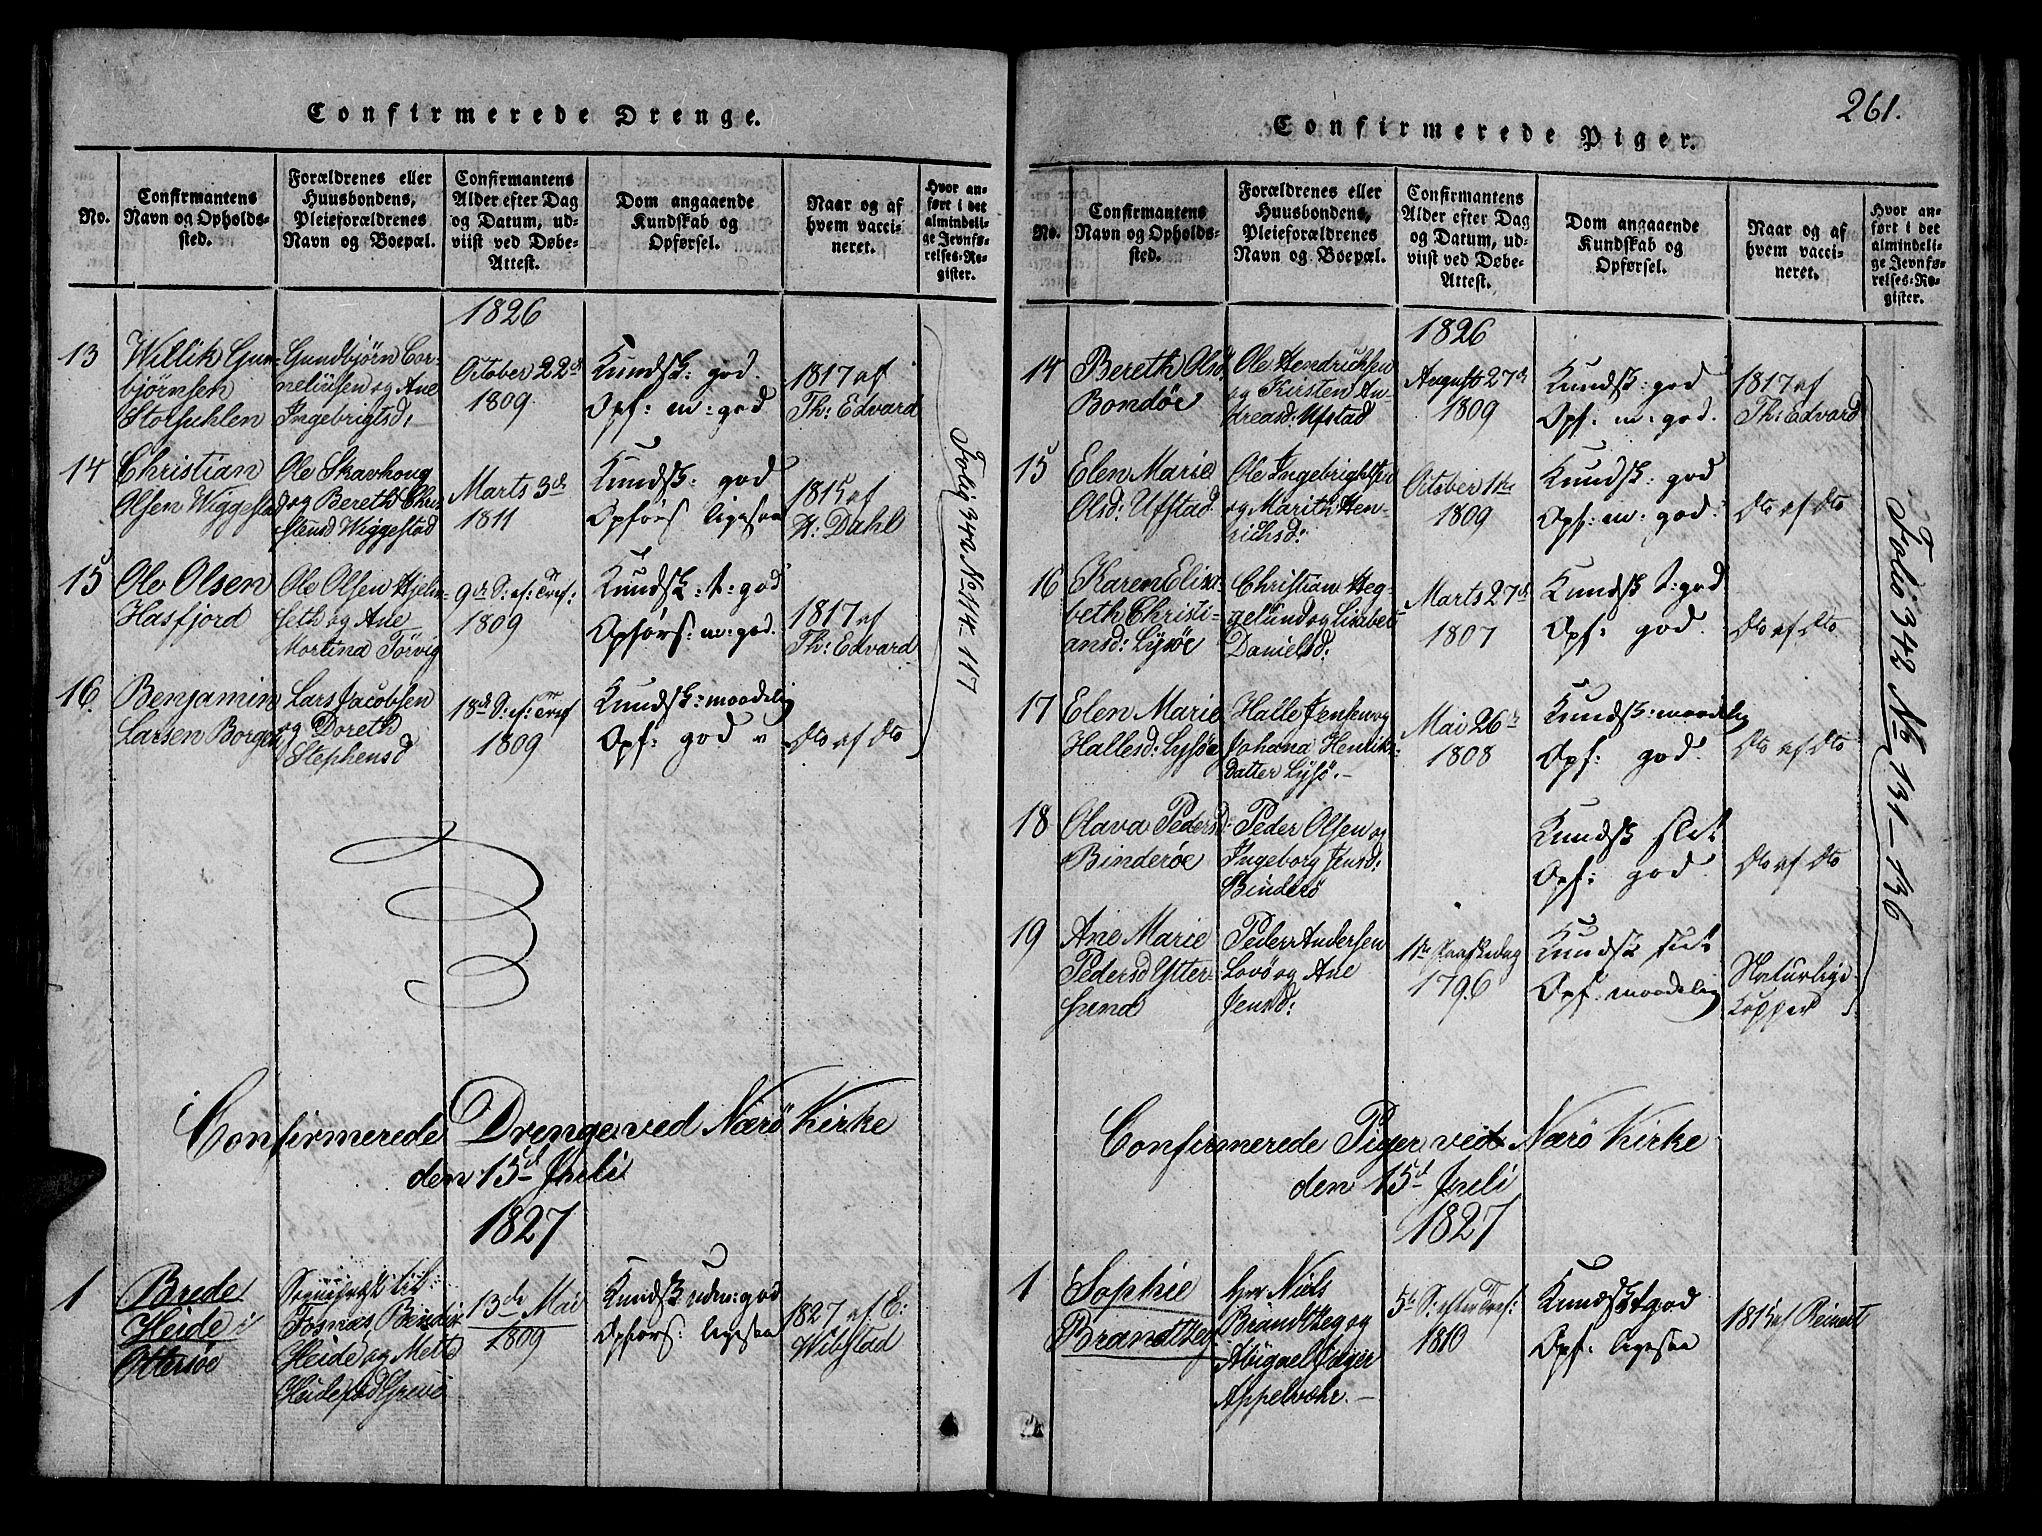 SAT, Ministerialprotokoller, klokkerbøker og fødselsregistre - Nord-Trøndelag, 784/L0667: Ministerialbok nr. 784A03 /1, 1816-1829, s. 261